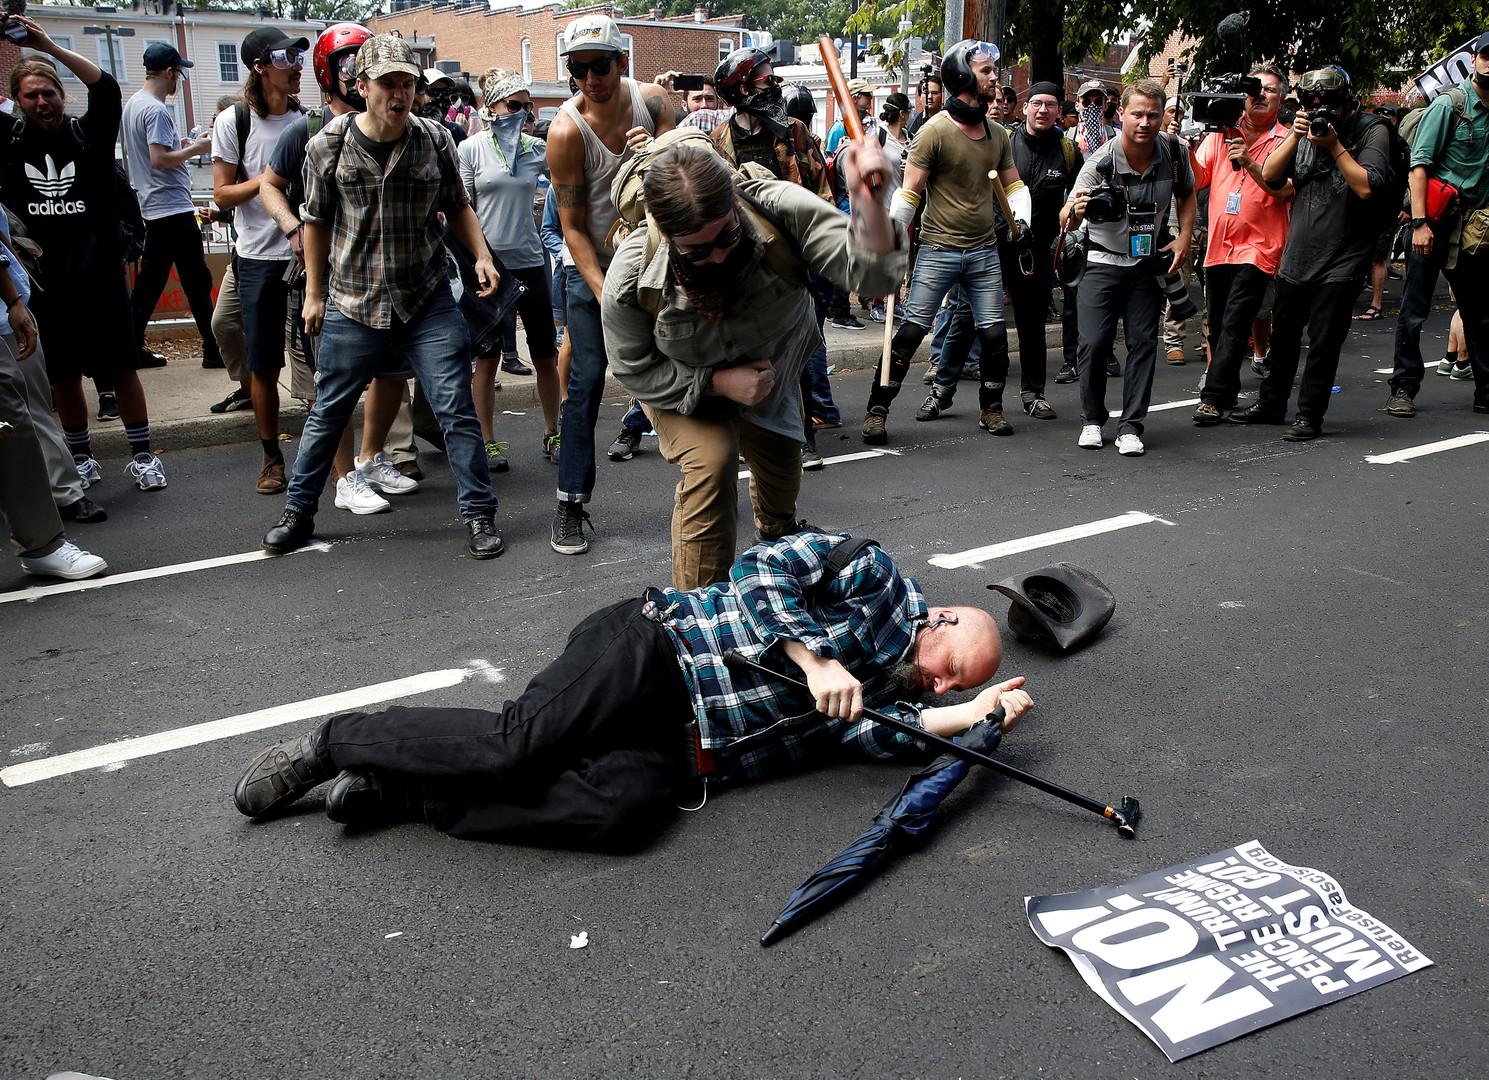 """""""Drohender Bürgerkrieg"""": Gewalt in den USA eskaliert - Antifa will keinen Dialog"""